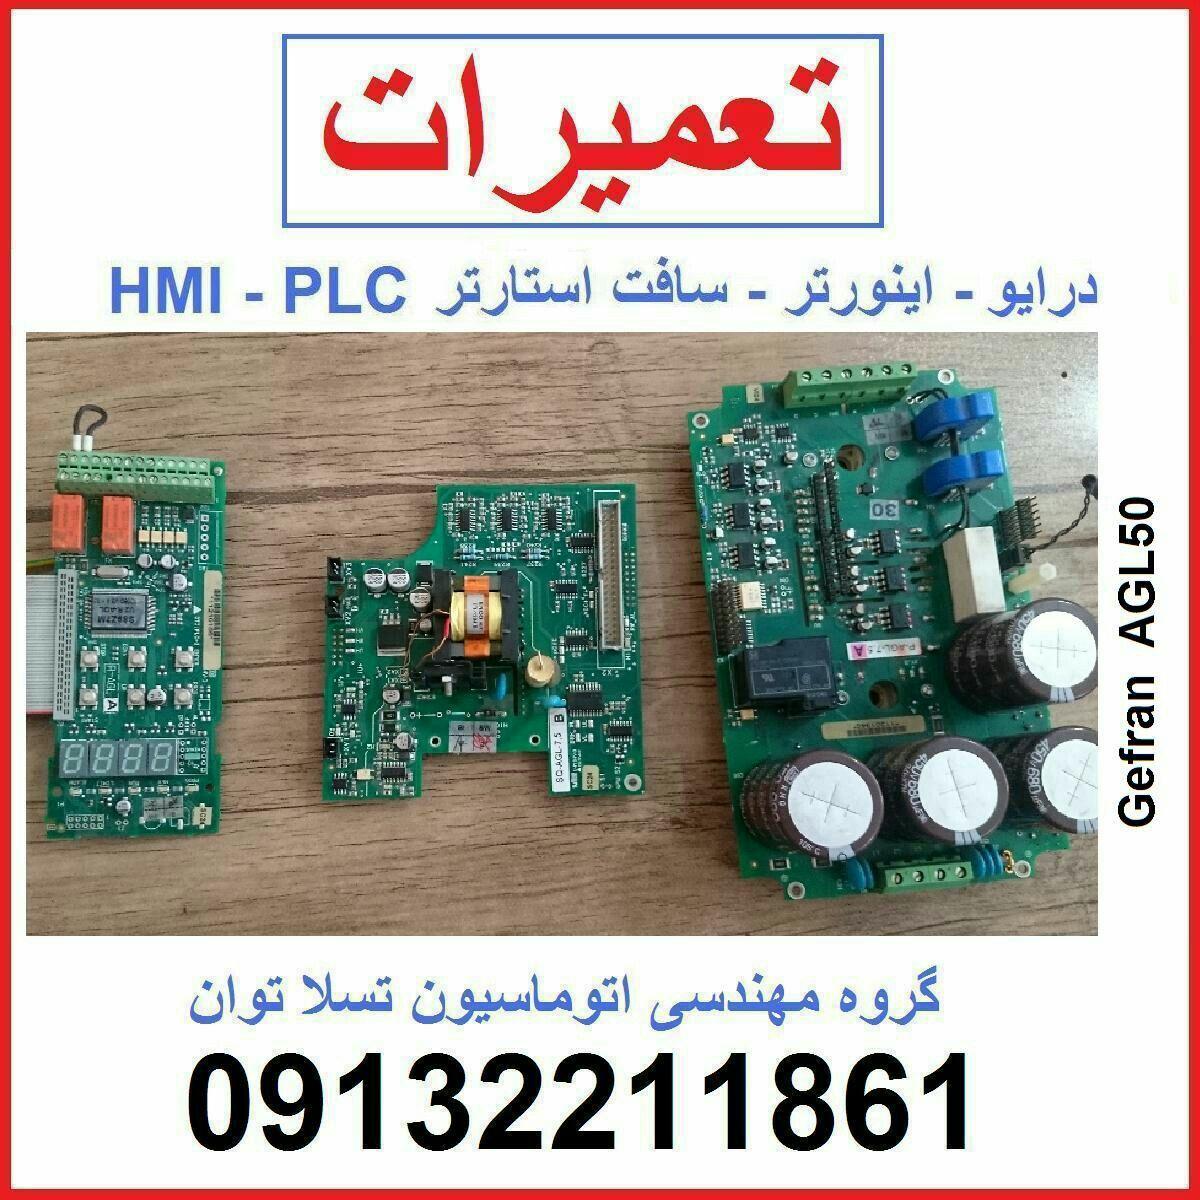 مهندس محمدیان 09132211861 آموزش تعمیرات اینورتر و درایو آموزش